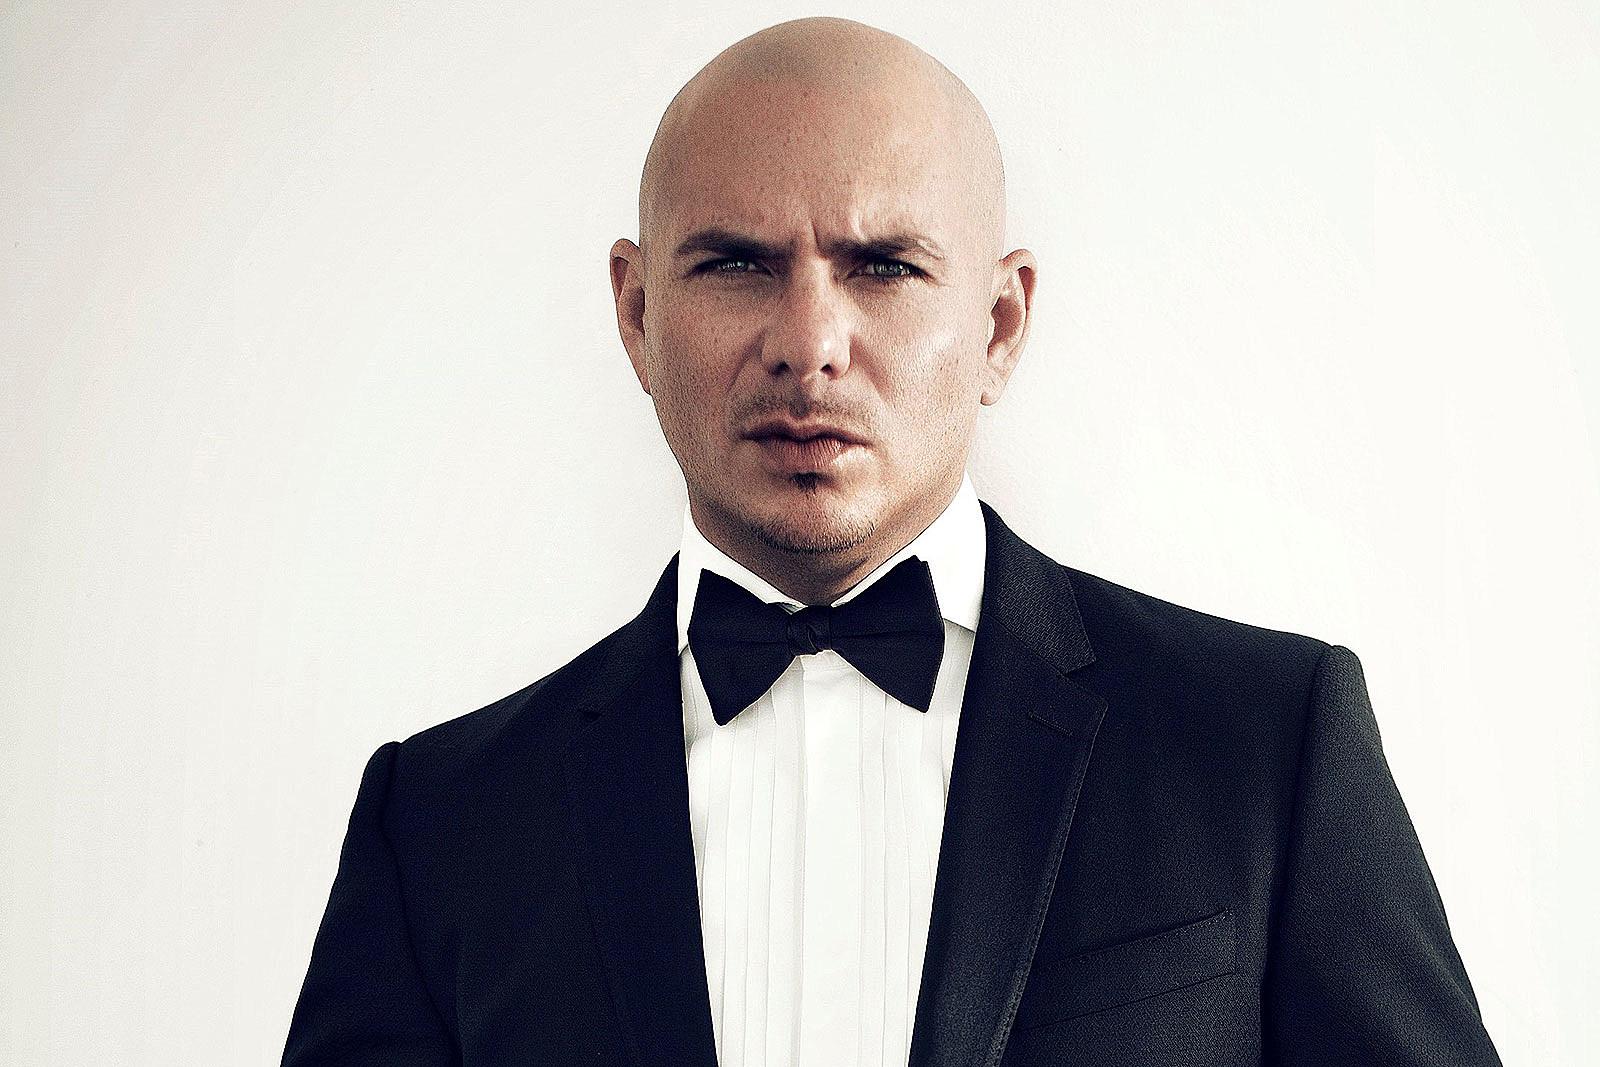 Pitbull dating 2019